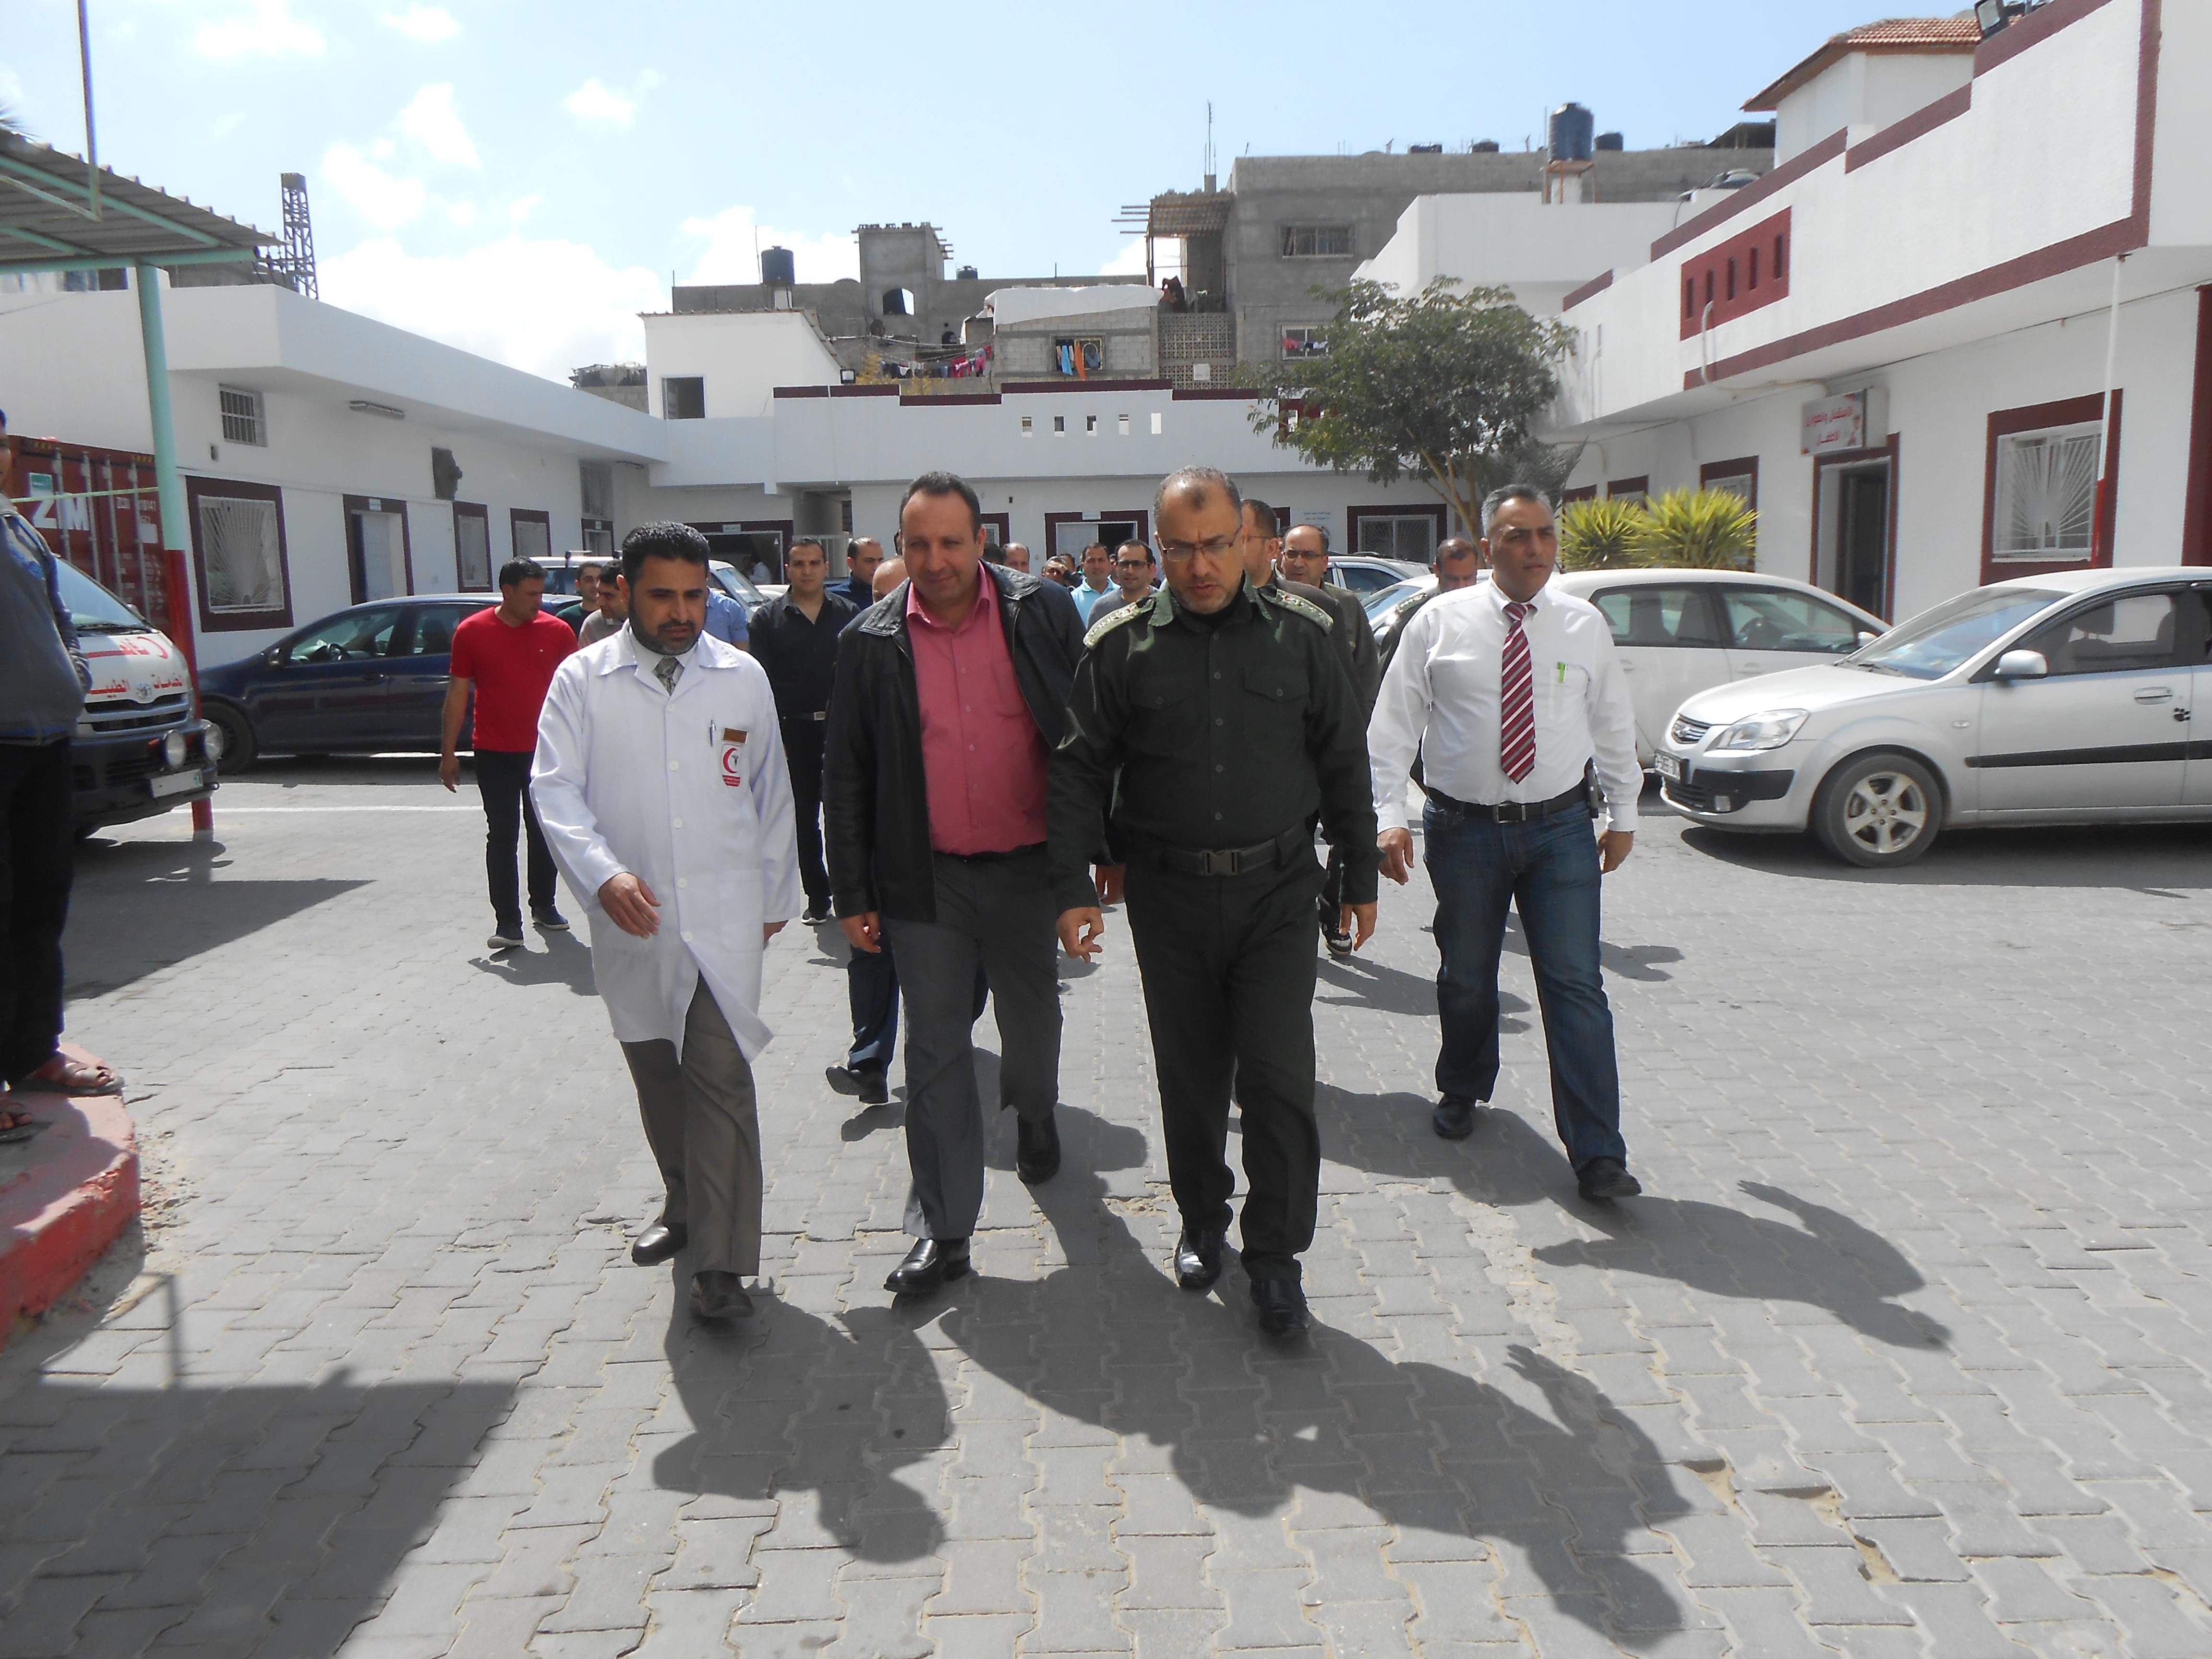 المستشفى الميداني الأردني يزور مجمع عدوان الطبي